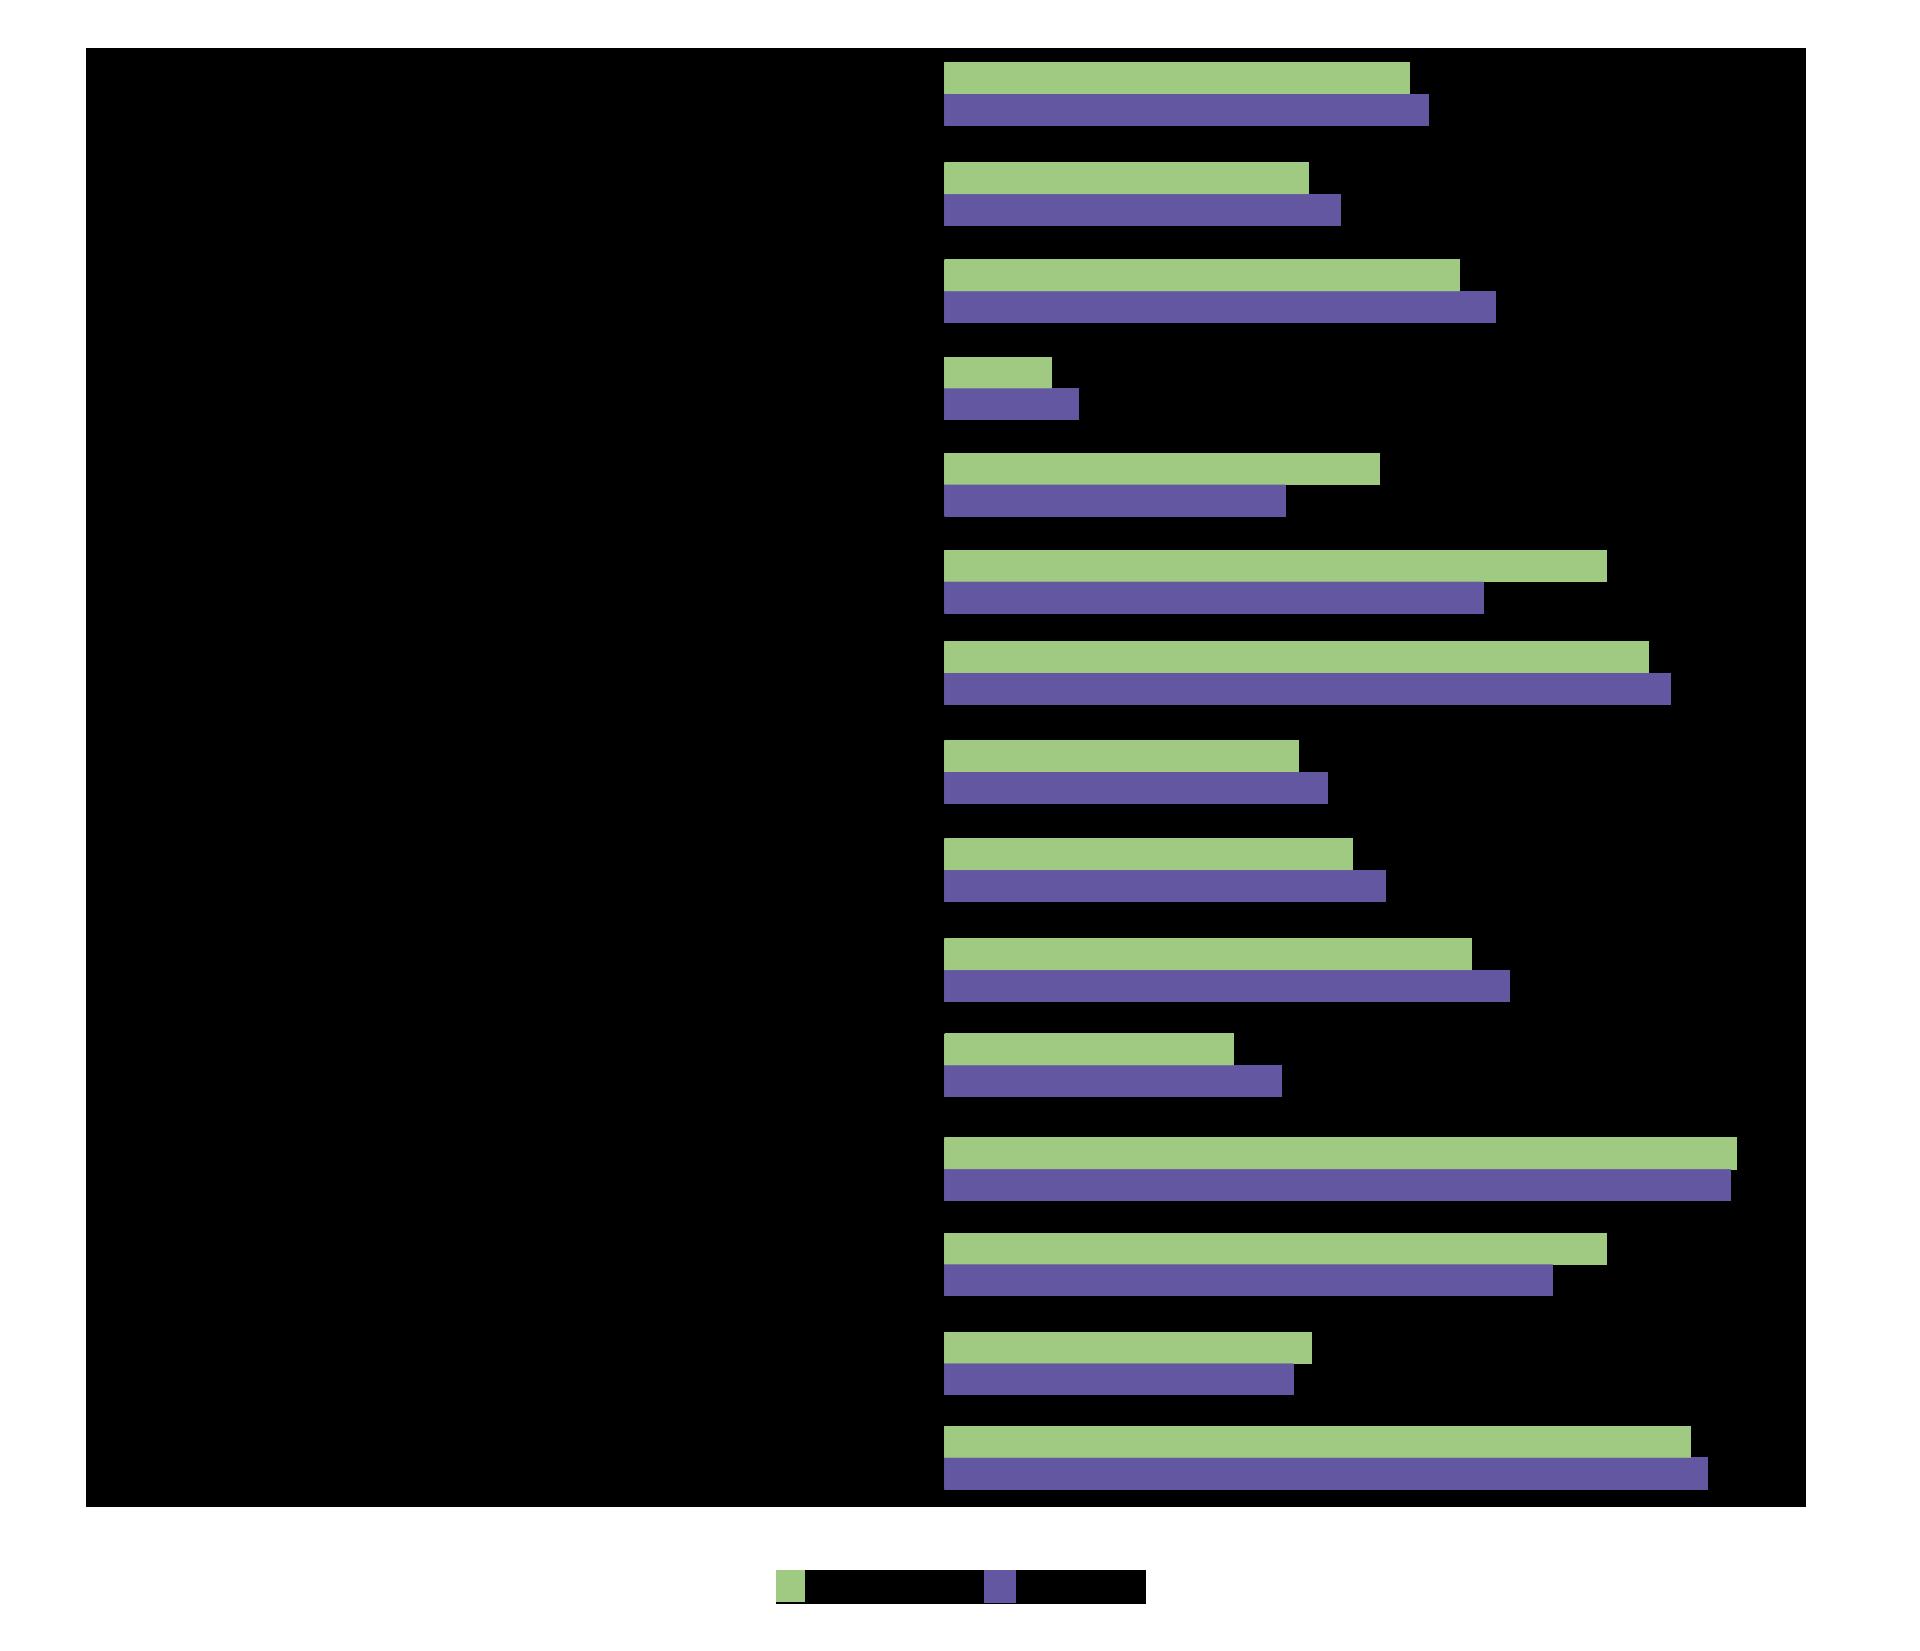 Usuarios de Internet en los tres últimos meses según tipo de actividad realizada y sexo